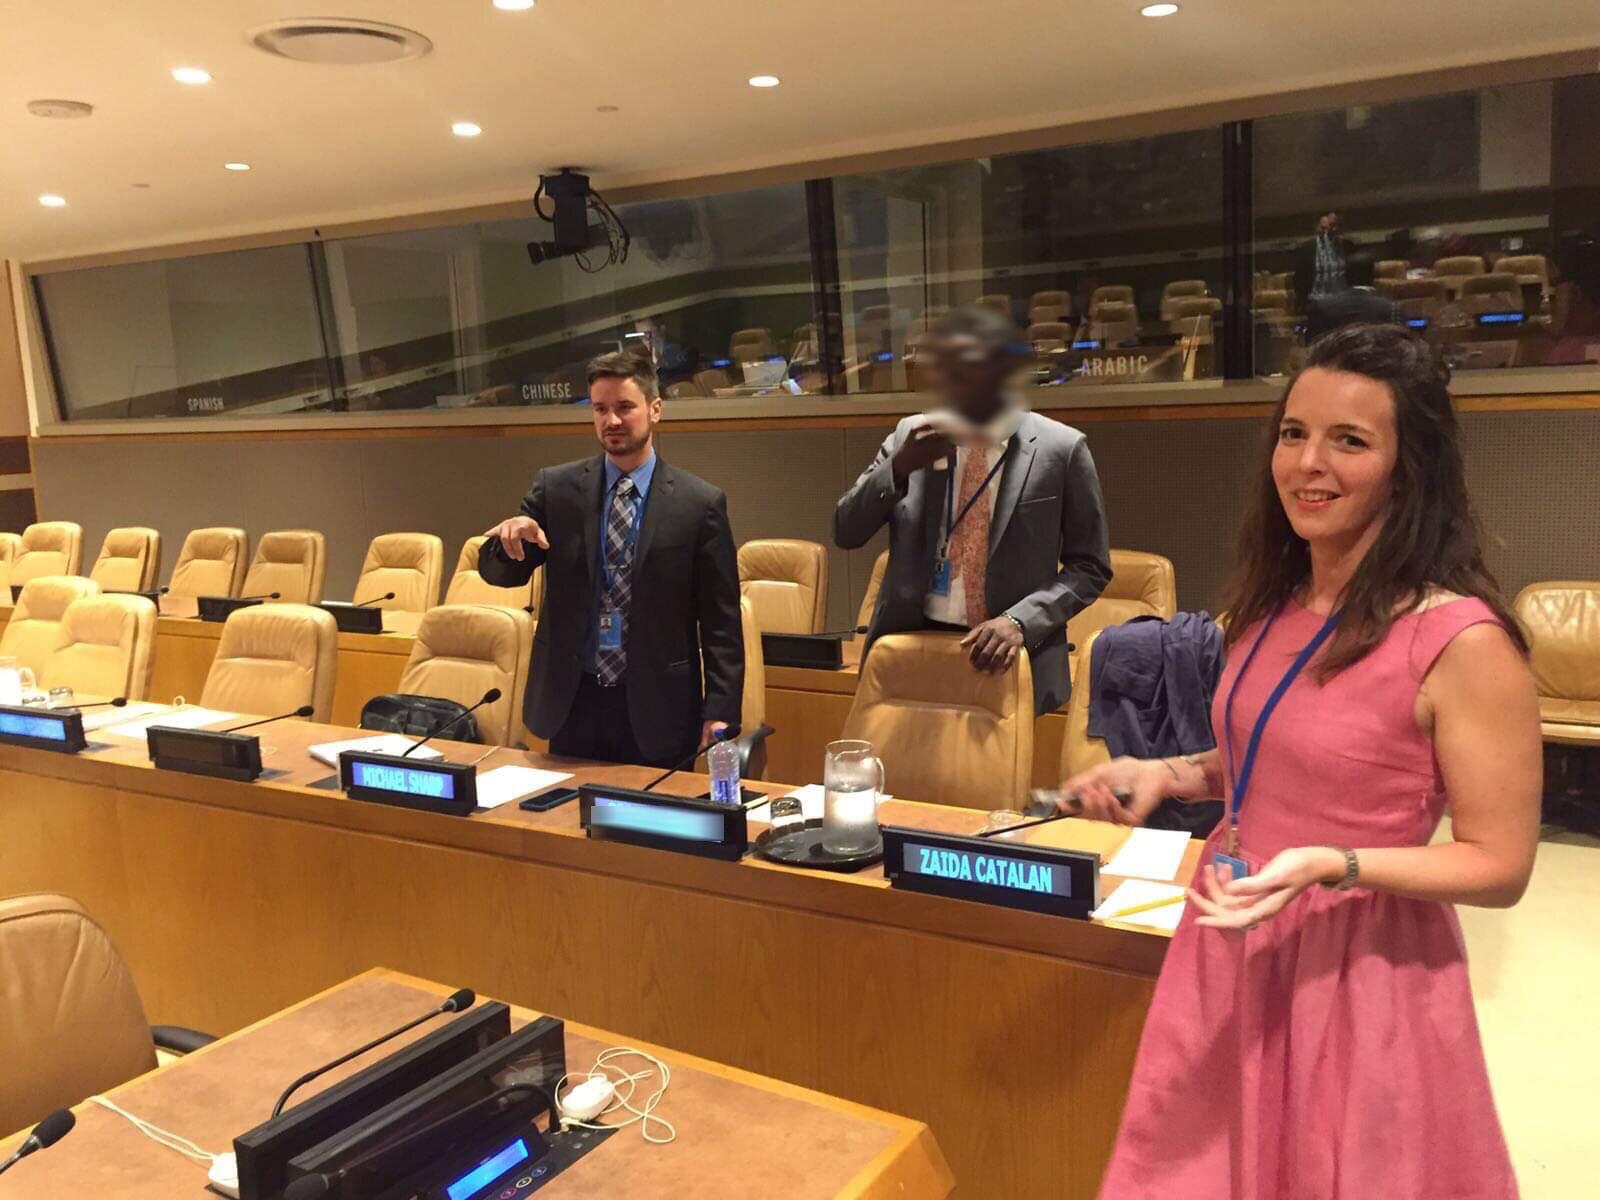 Michael Sharp et Zaida Catalan au Conseil de sécurité. Les experts sont des consultants indépendants mandatés par le Conseil de sécurité.